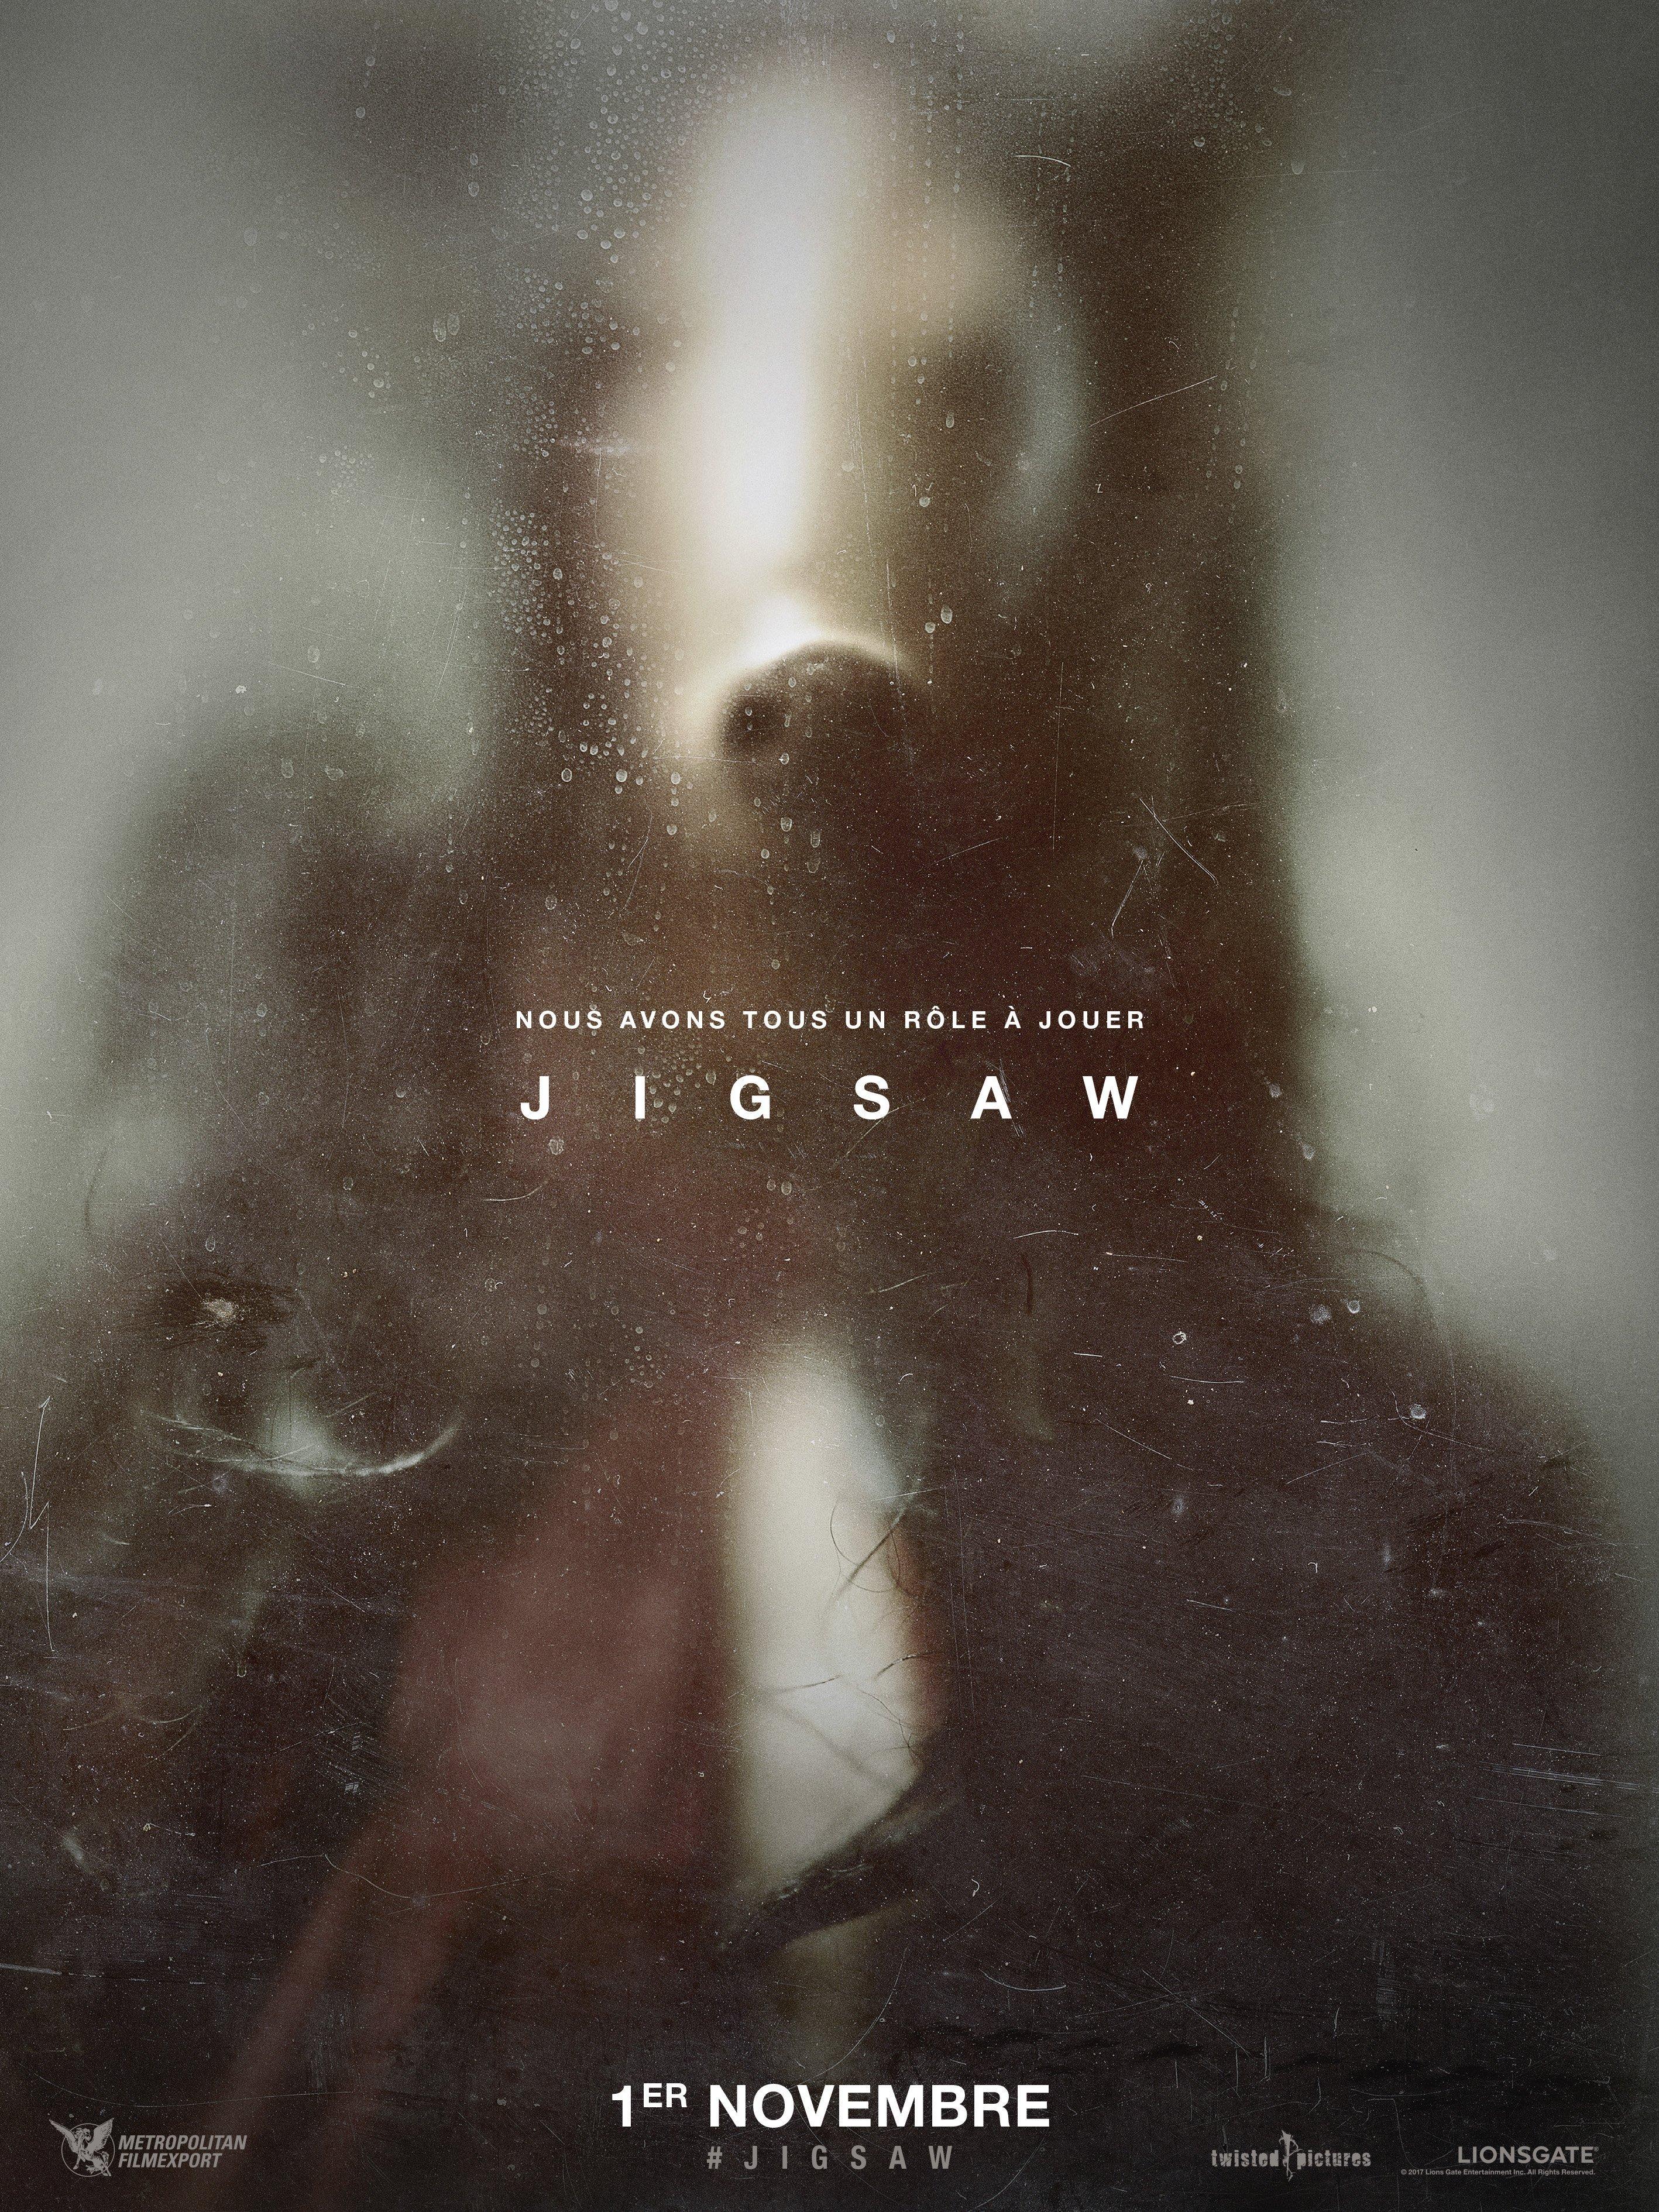 """Affiche teaser du film Jigsaw avec la tagline """"Nous avons tous un rôle à jouer"""""""